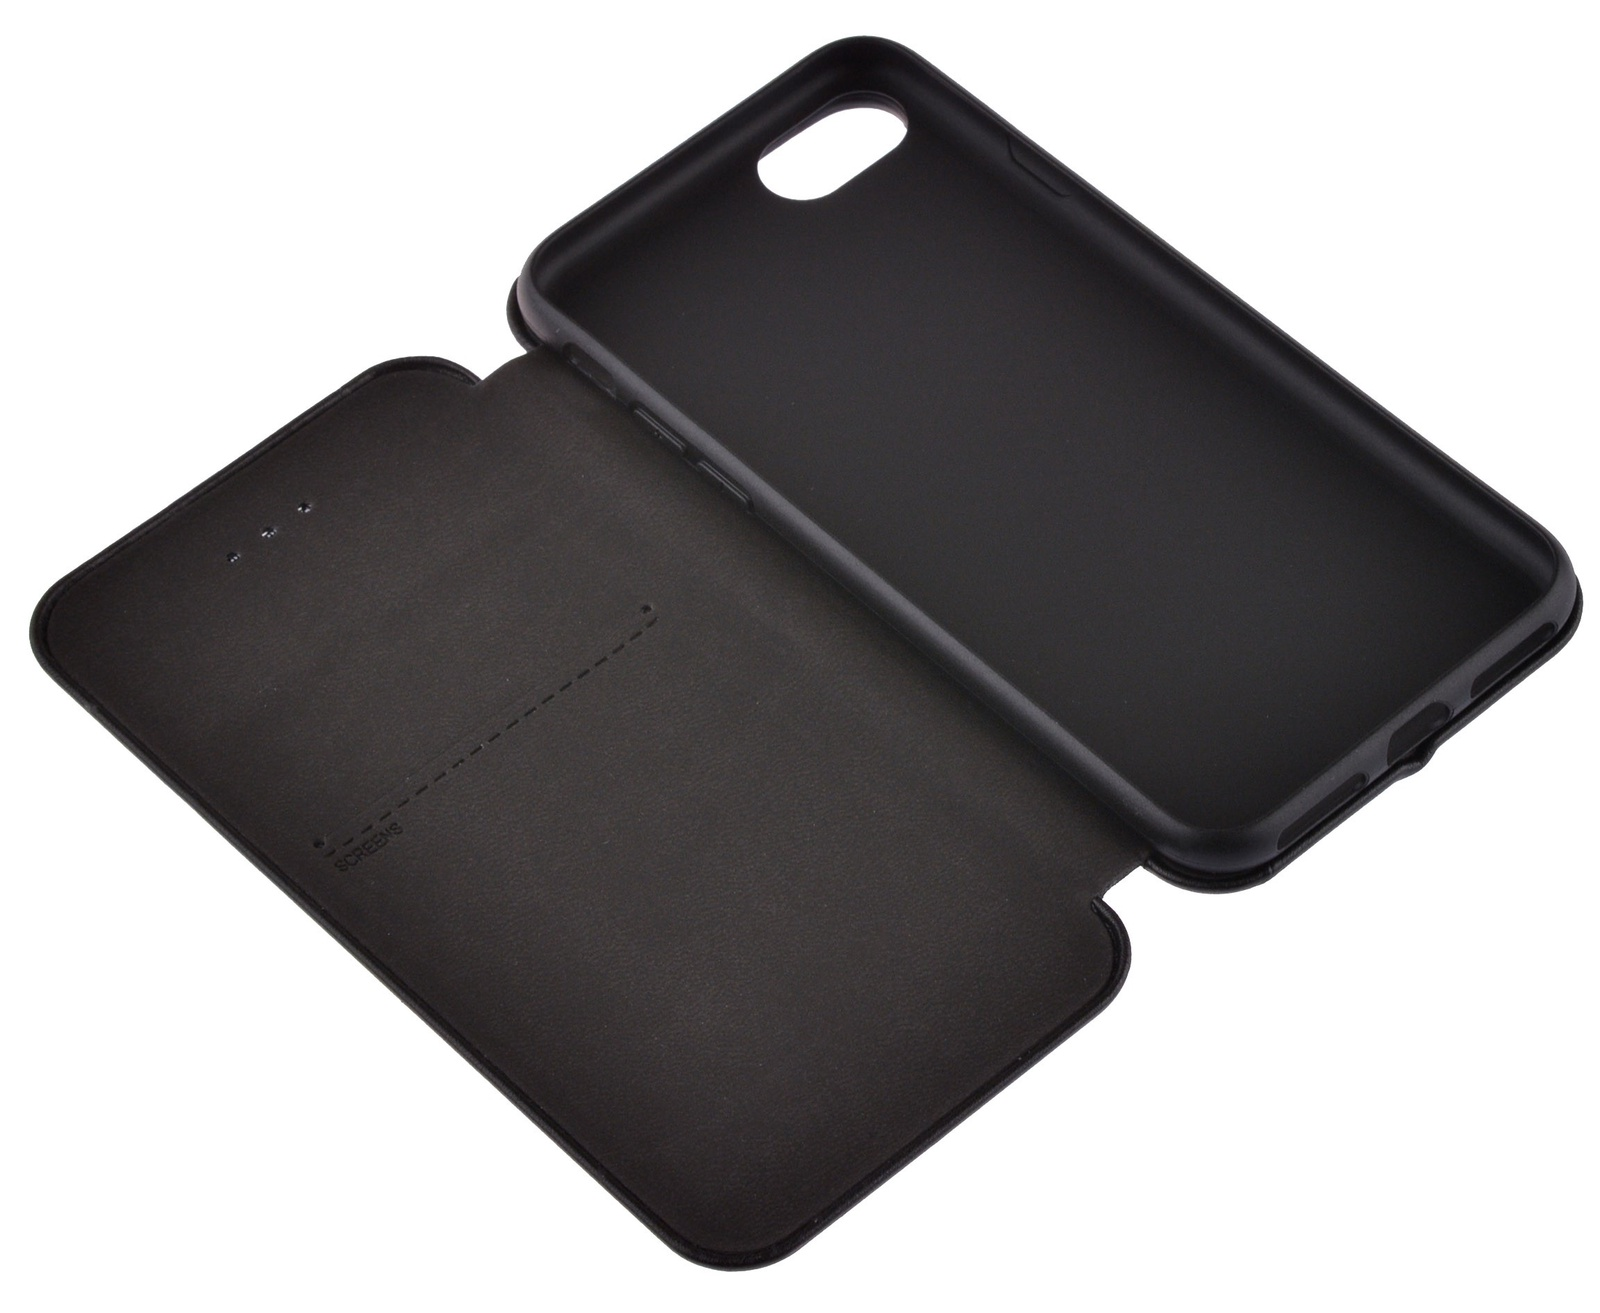 Чехол для сотового телефона skinBOX Screens, 4660041408317, черный loopee чехол крышка loopee для apple iphone 6 пластик черный